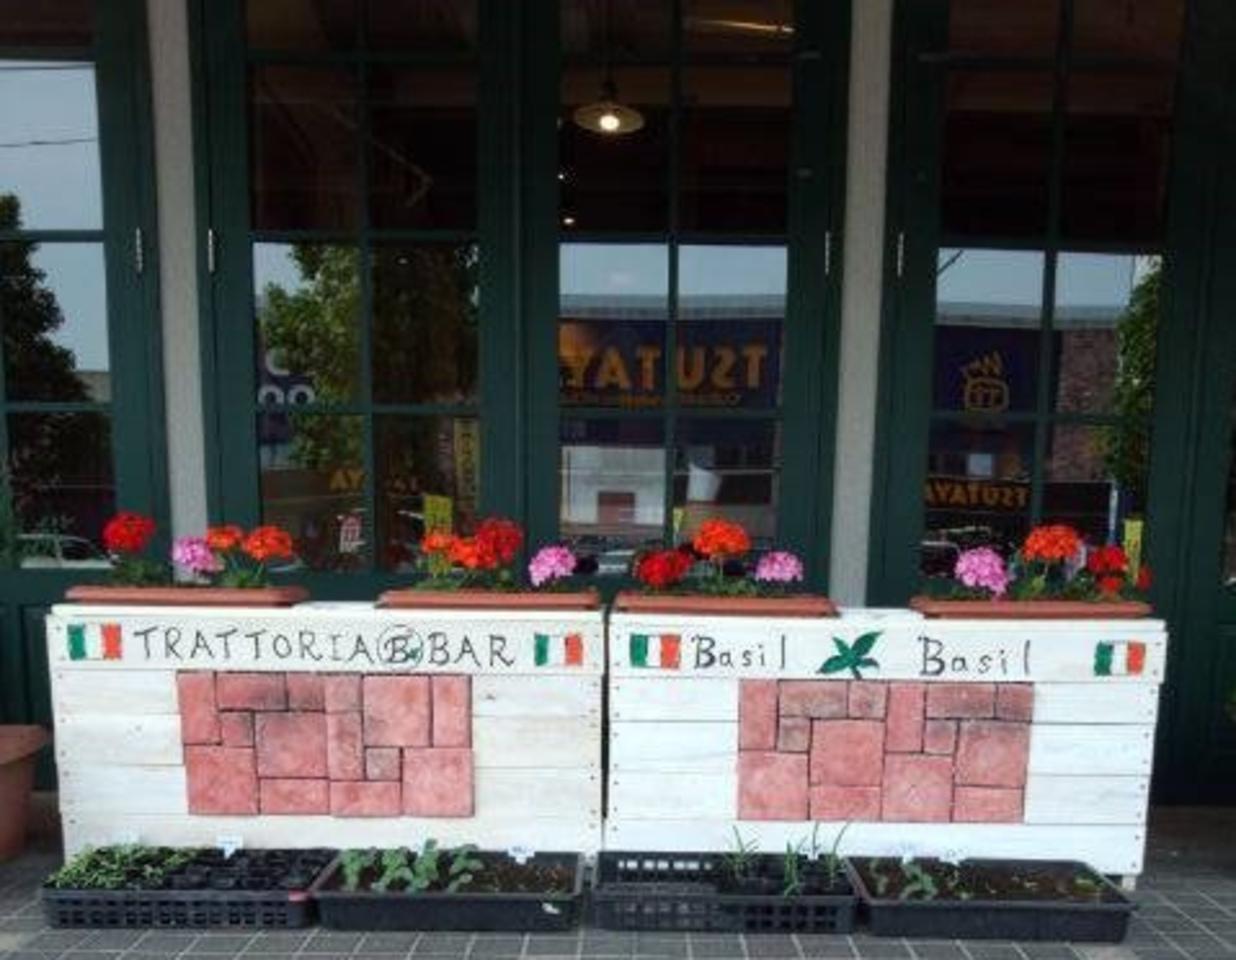 居酒屋風のイタリア料理店...佐賀市兵庫南3丁目の「伊酒屋バジルバジル」